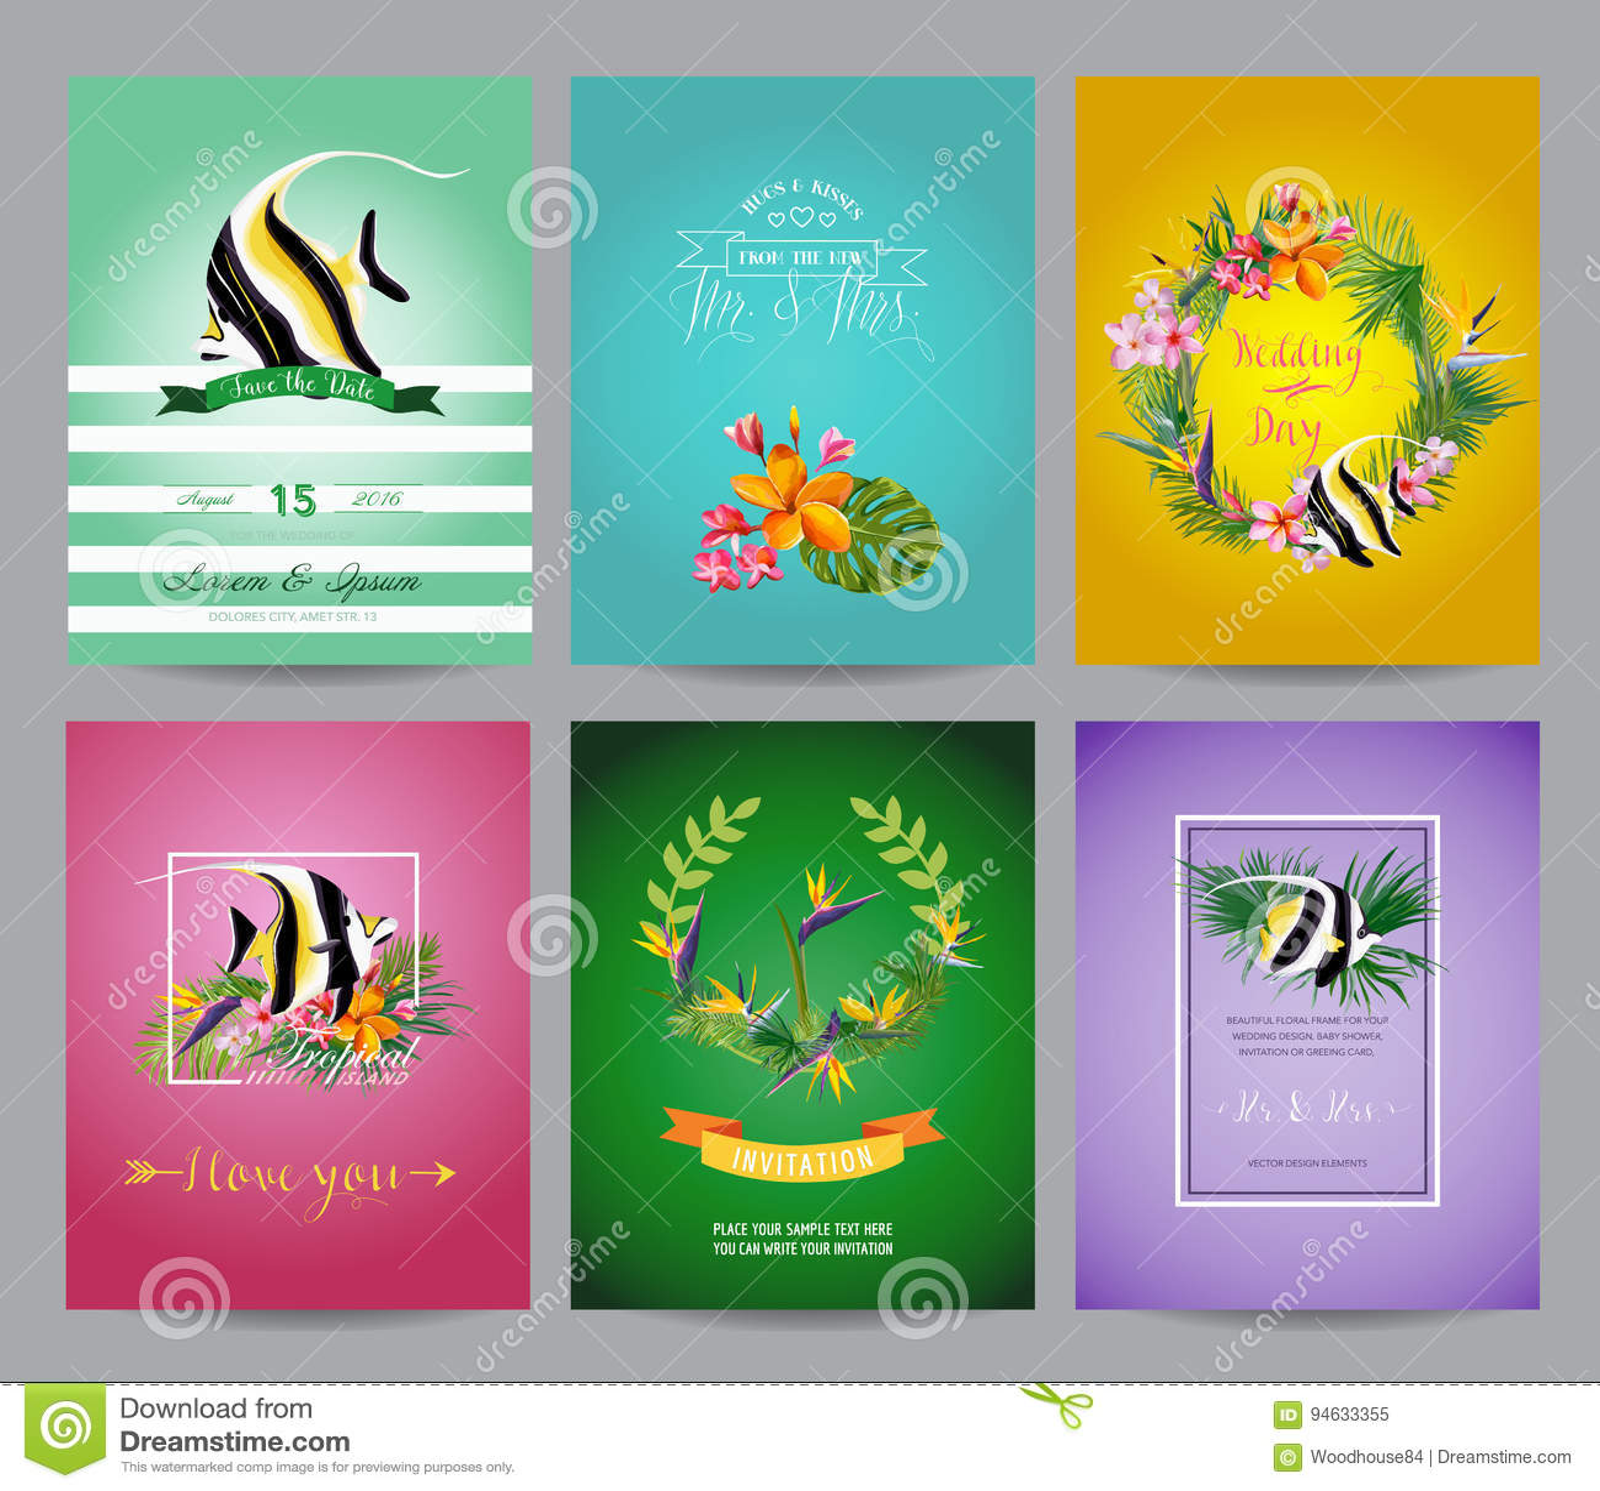 Weinlese Tropische Fische Und Exotischer Blumen Karten Satz Für Geburtstag,  Hochzeit, Babyparty, Partei